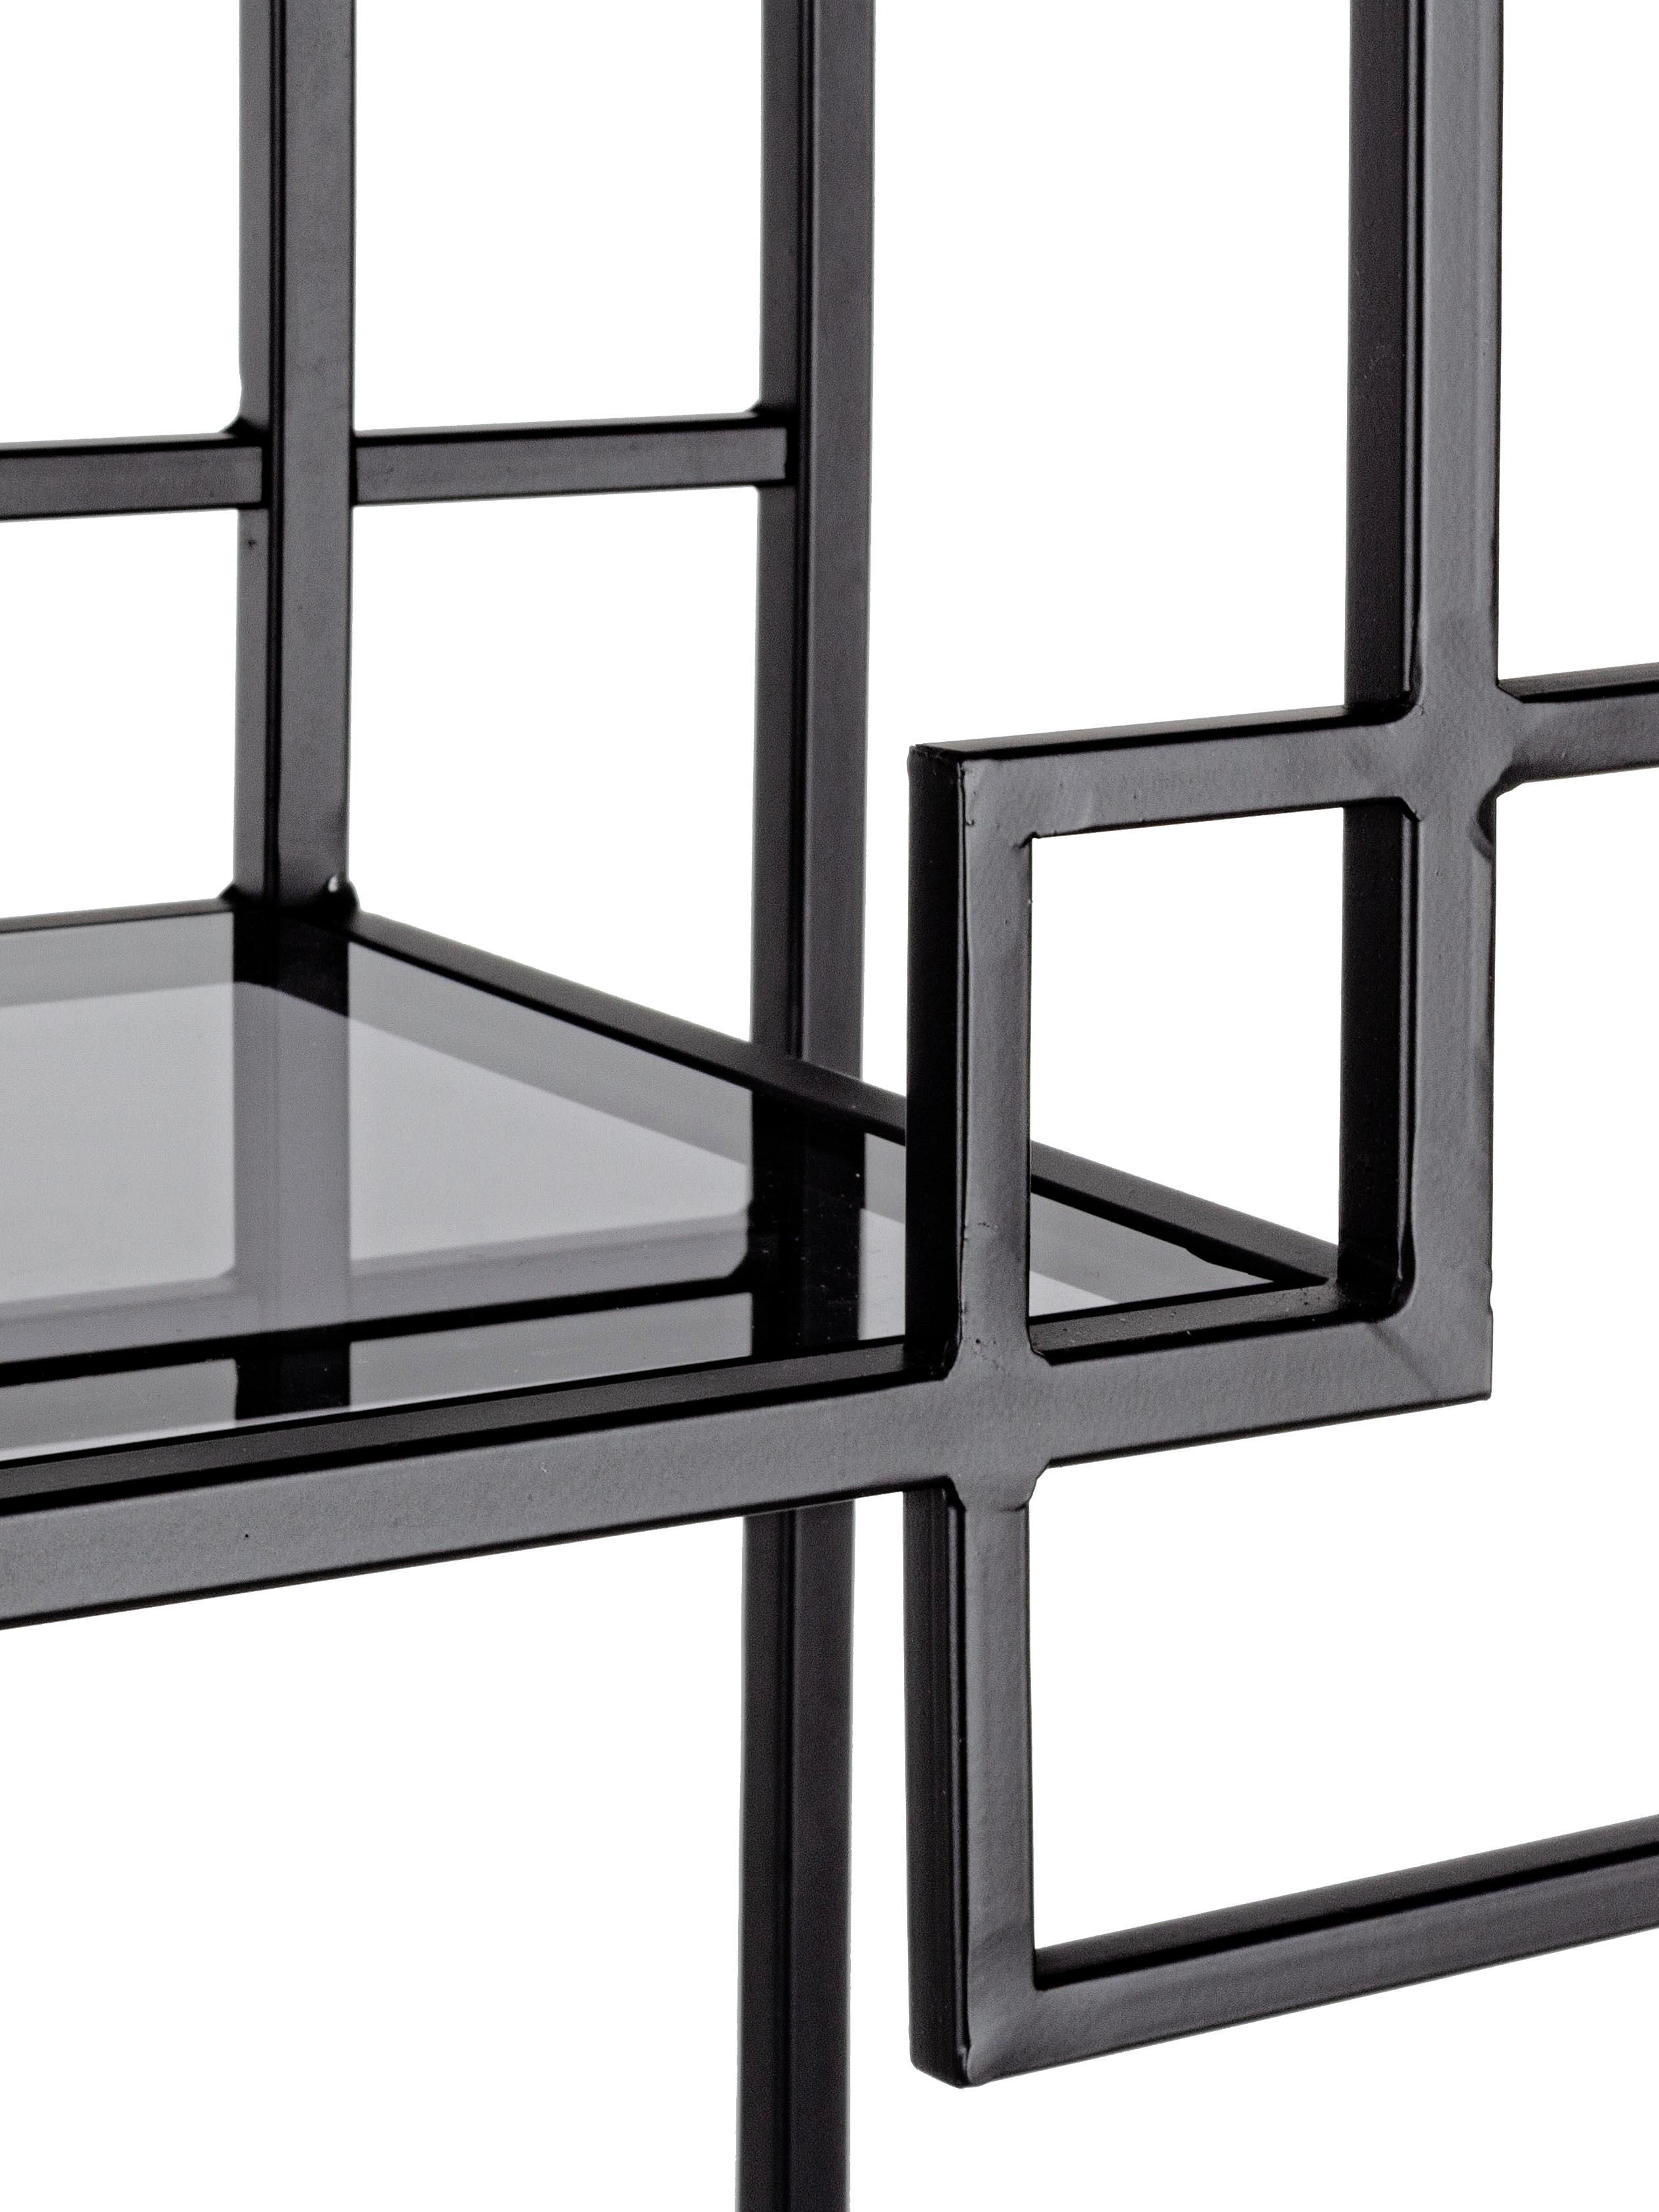 Kovový regál Korvet, Černá, šedá, transparentní